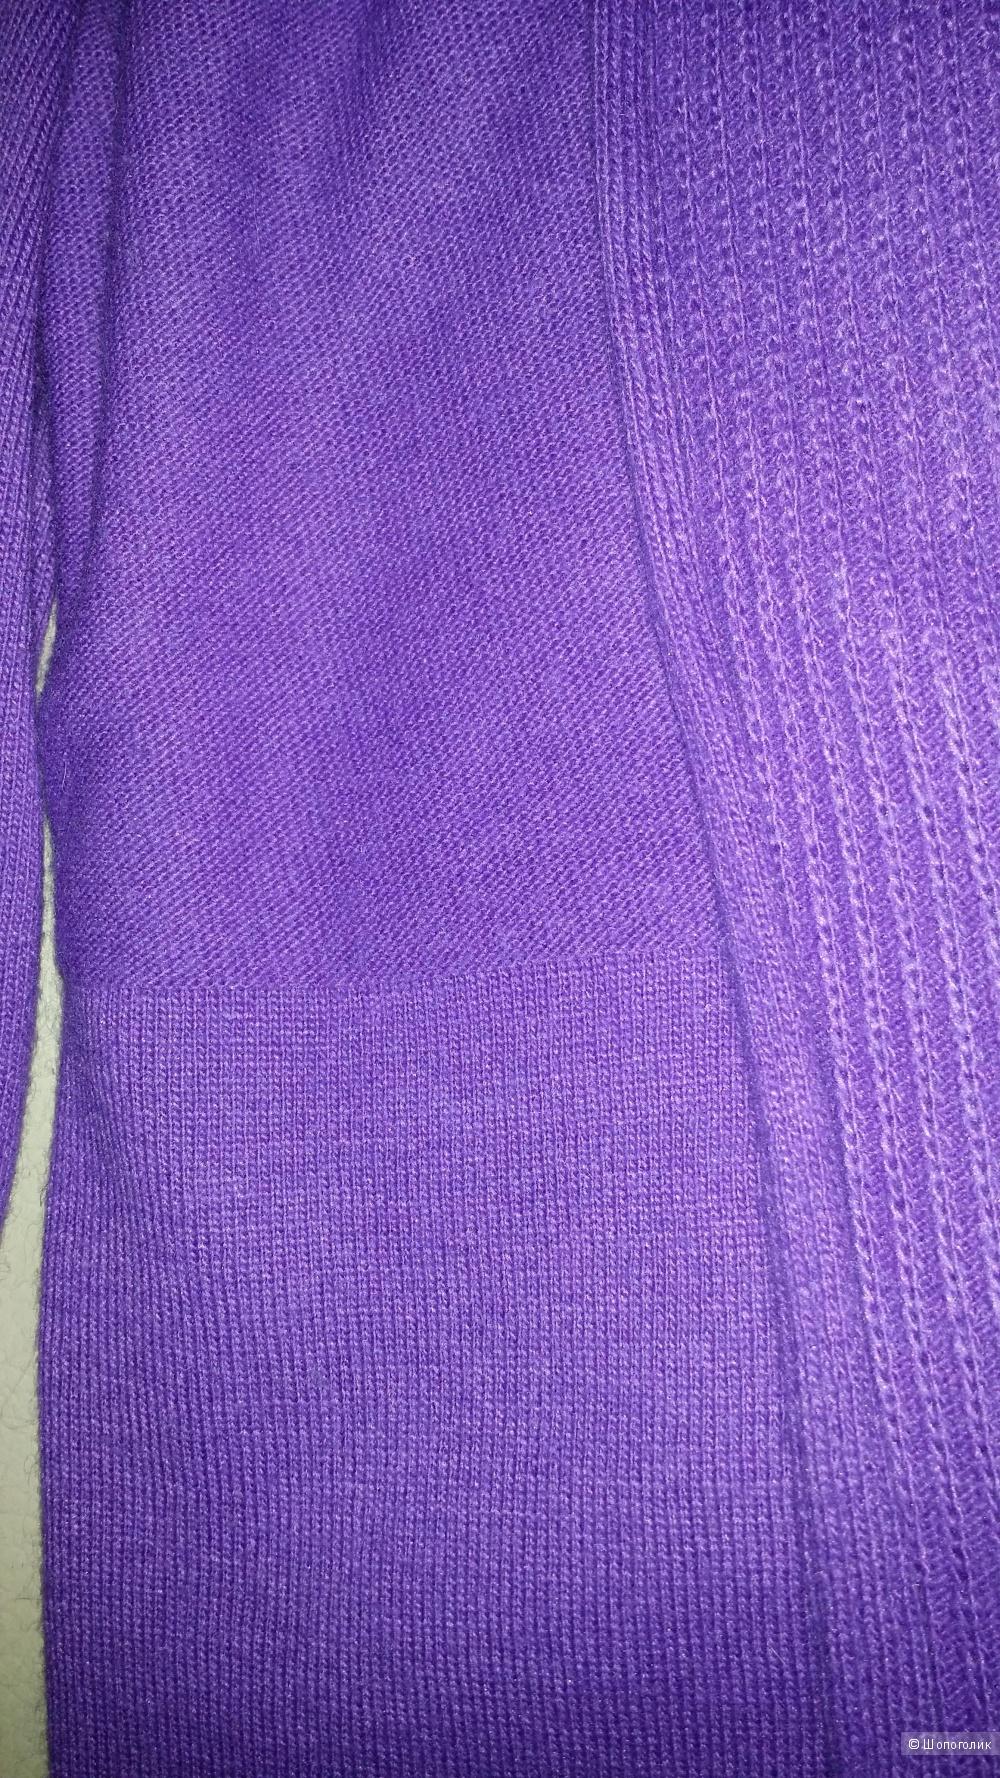 Кашемировый  фиолетовый кардиган Gerry Weber, диз 46, наш 52